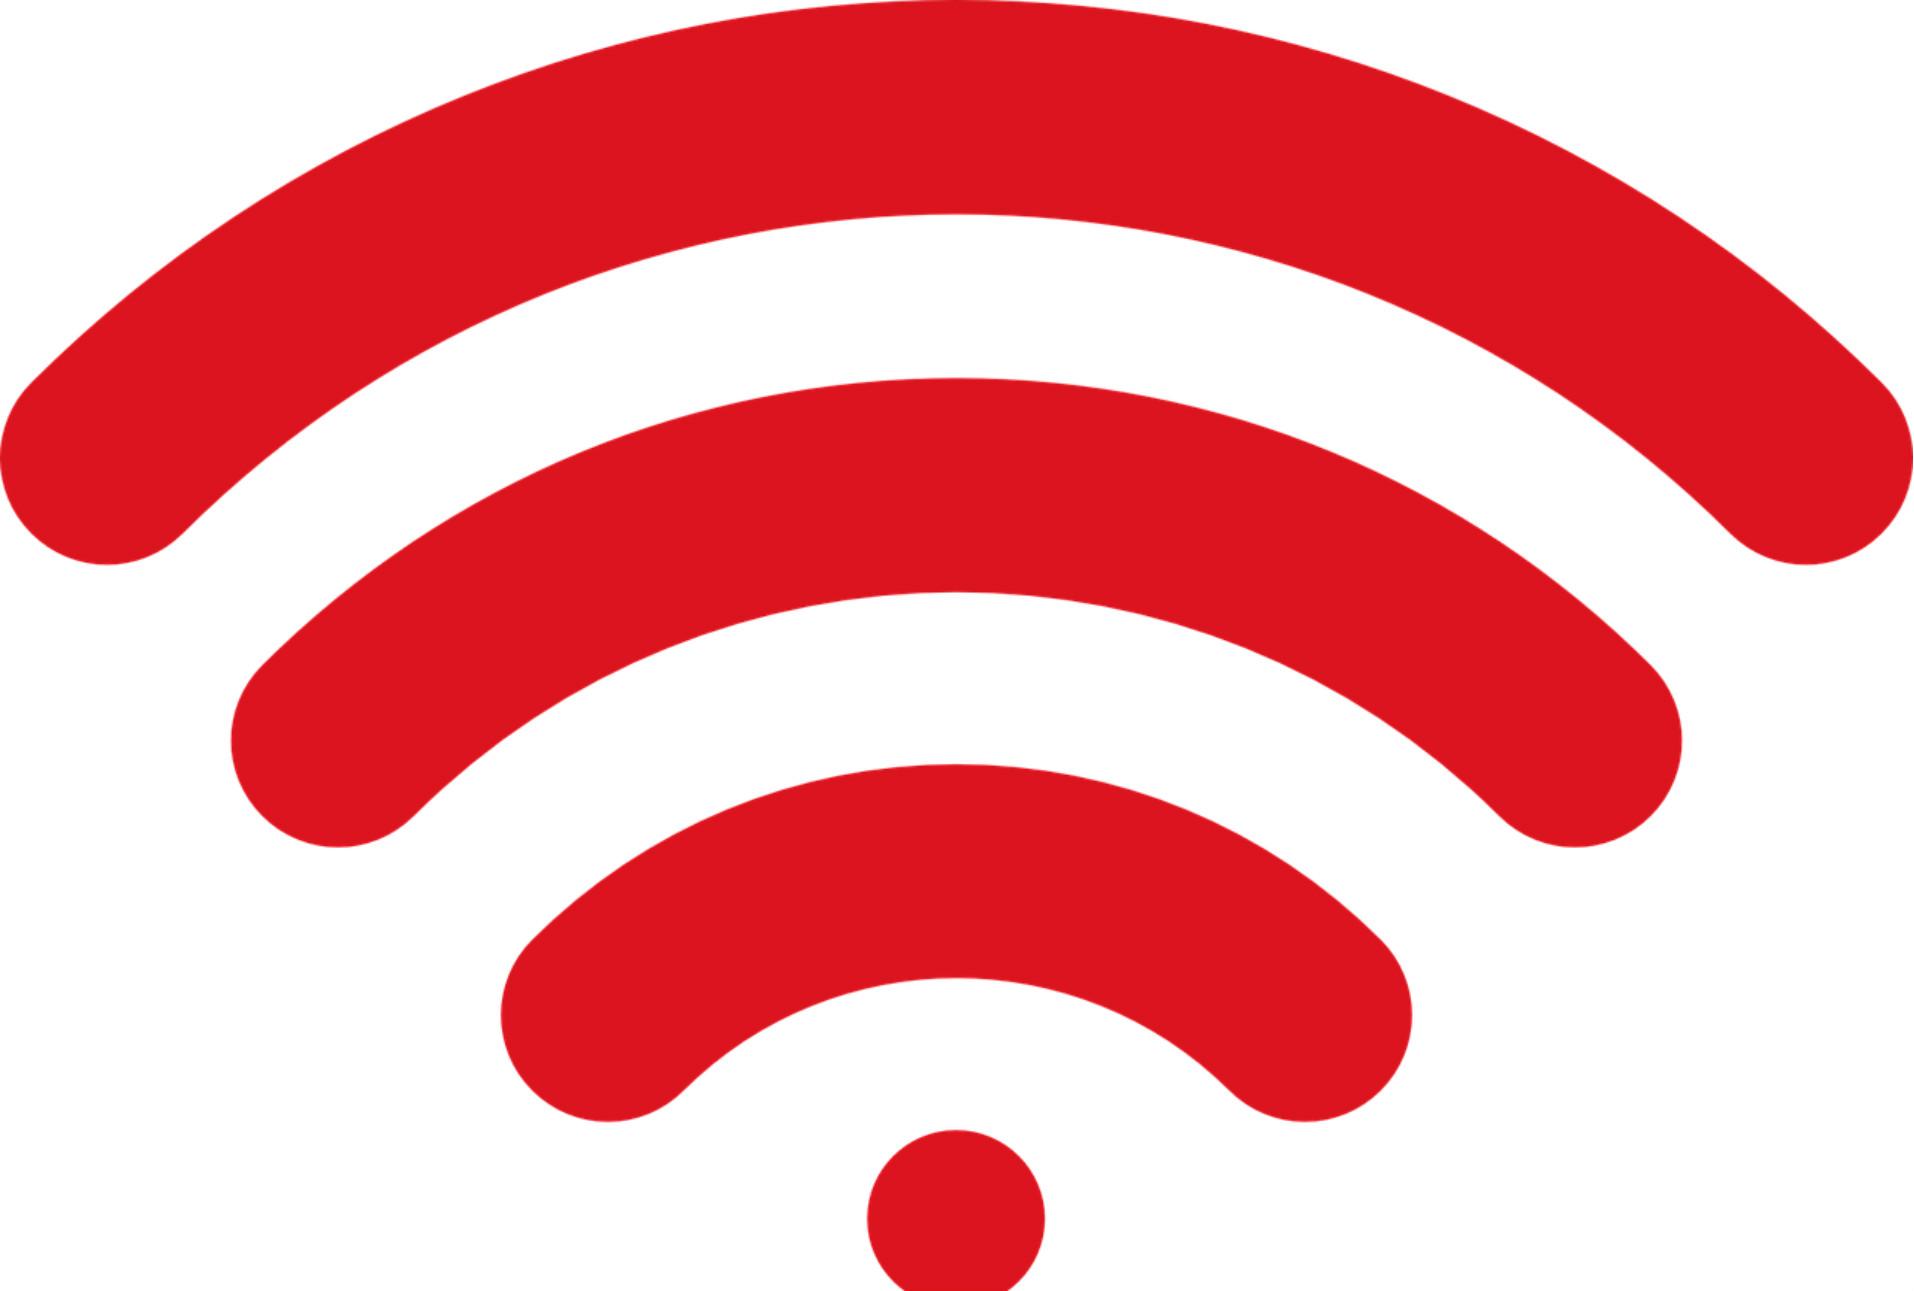 El descubrimiento de KRACK representa un reto para la seguridad de millones de redes Wi-Fi